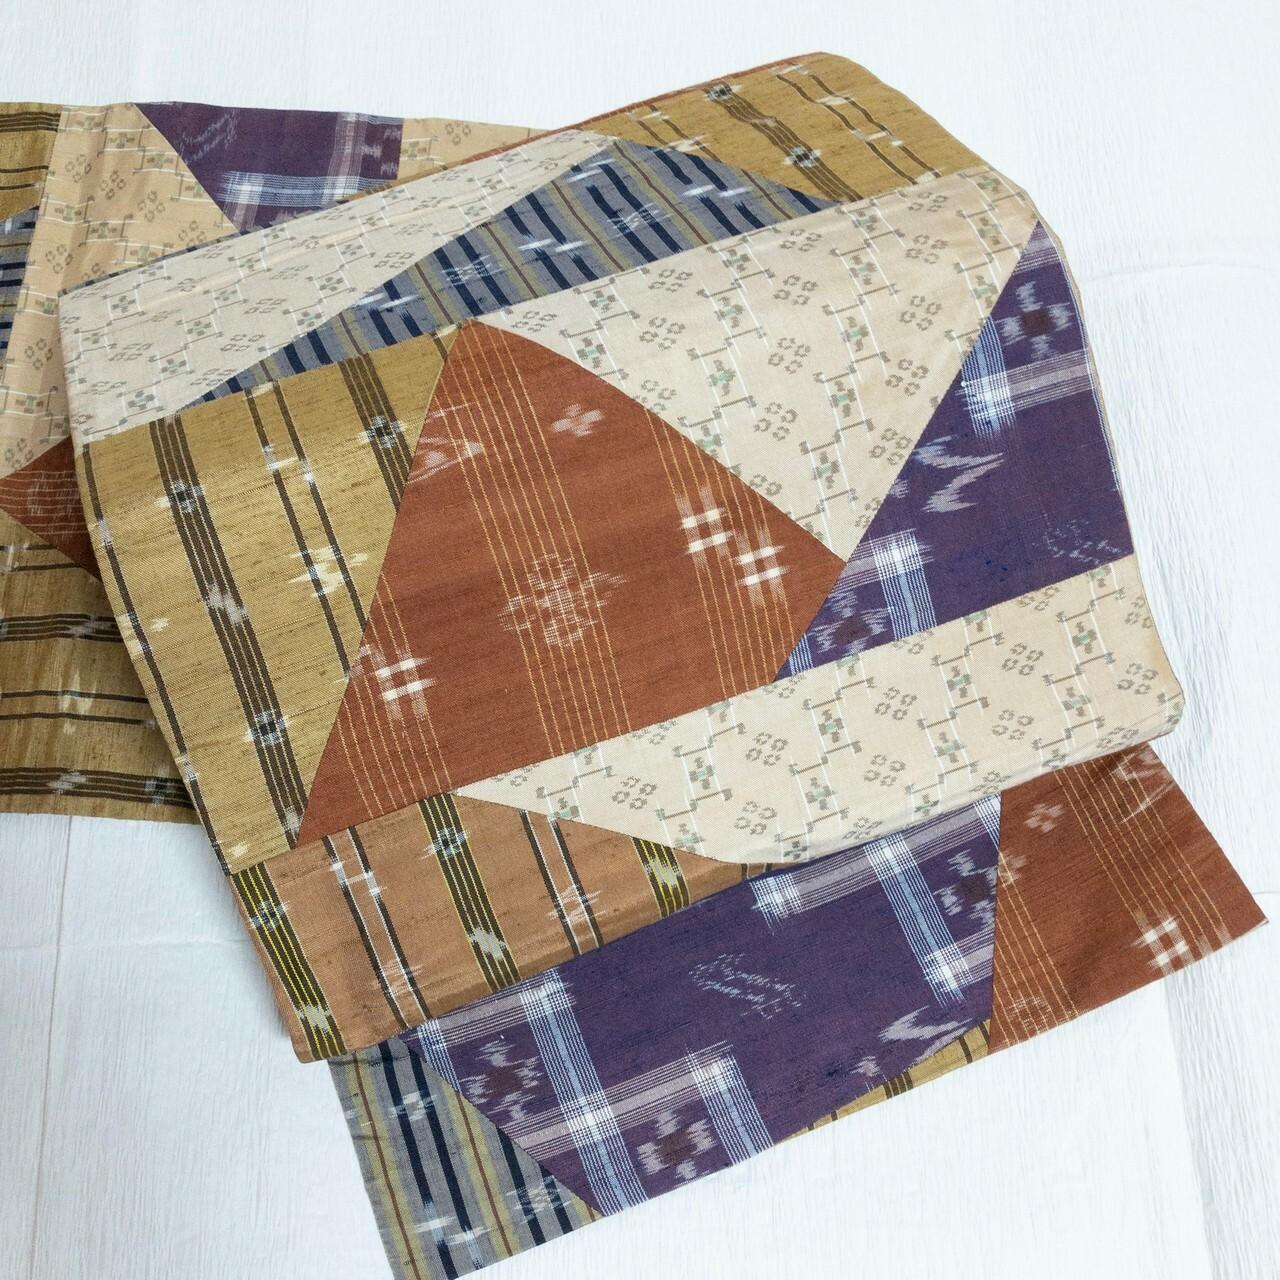 【手仕事感!】袋帯 洒落袋 民芸風紬切りばめ&マルチ縞 リバーシブル